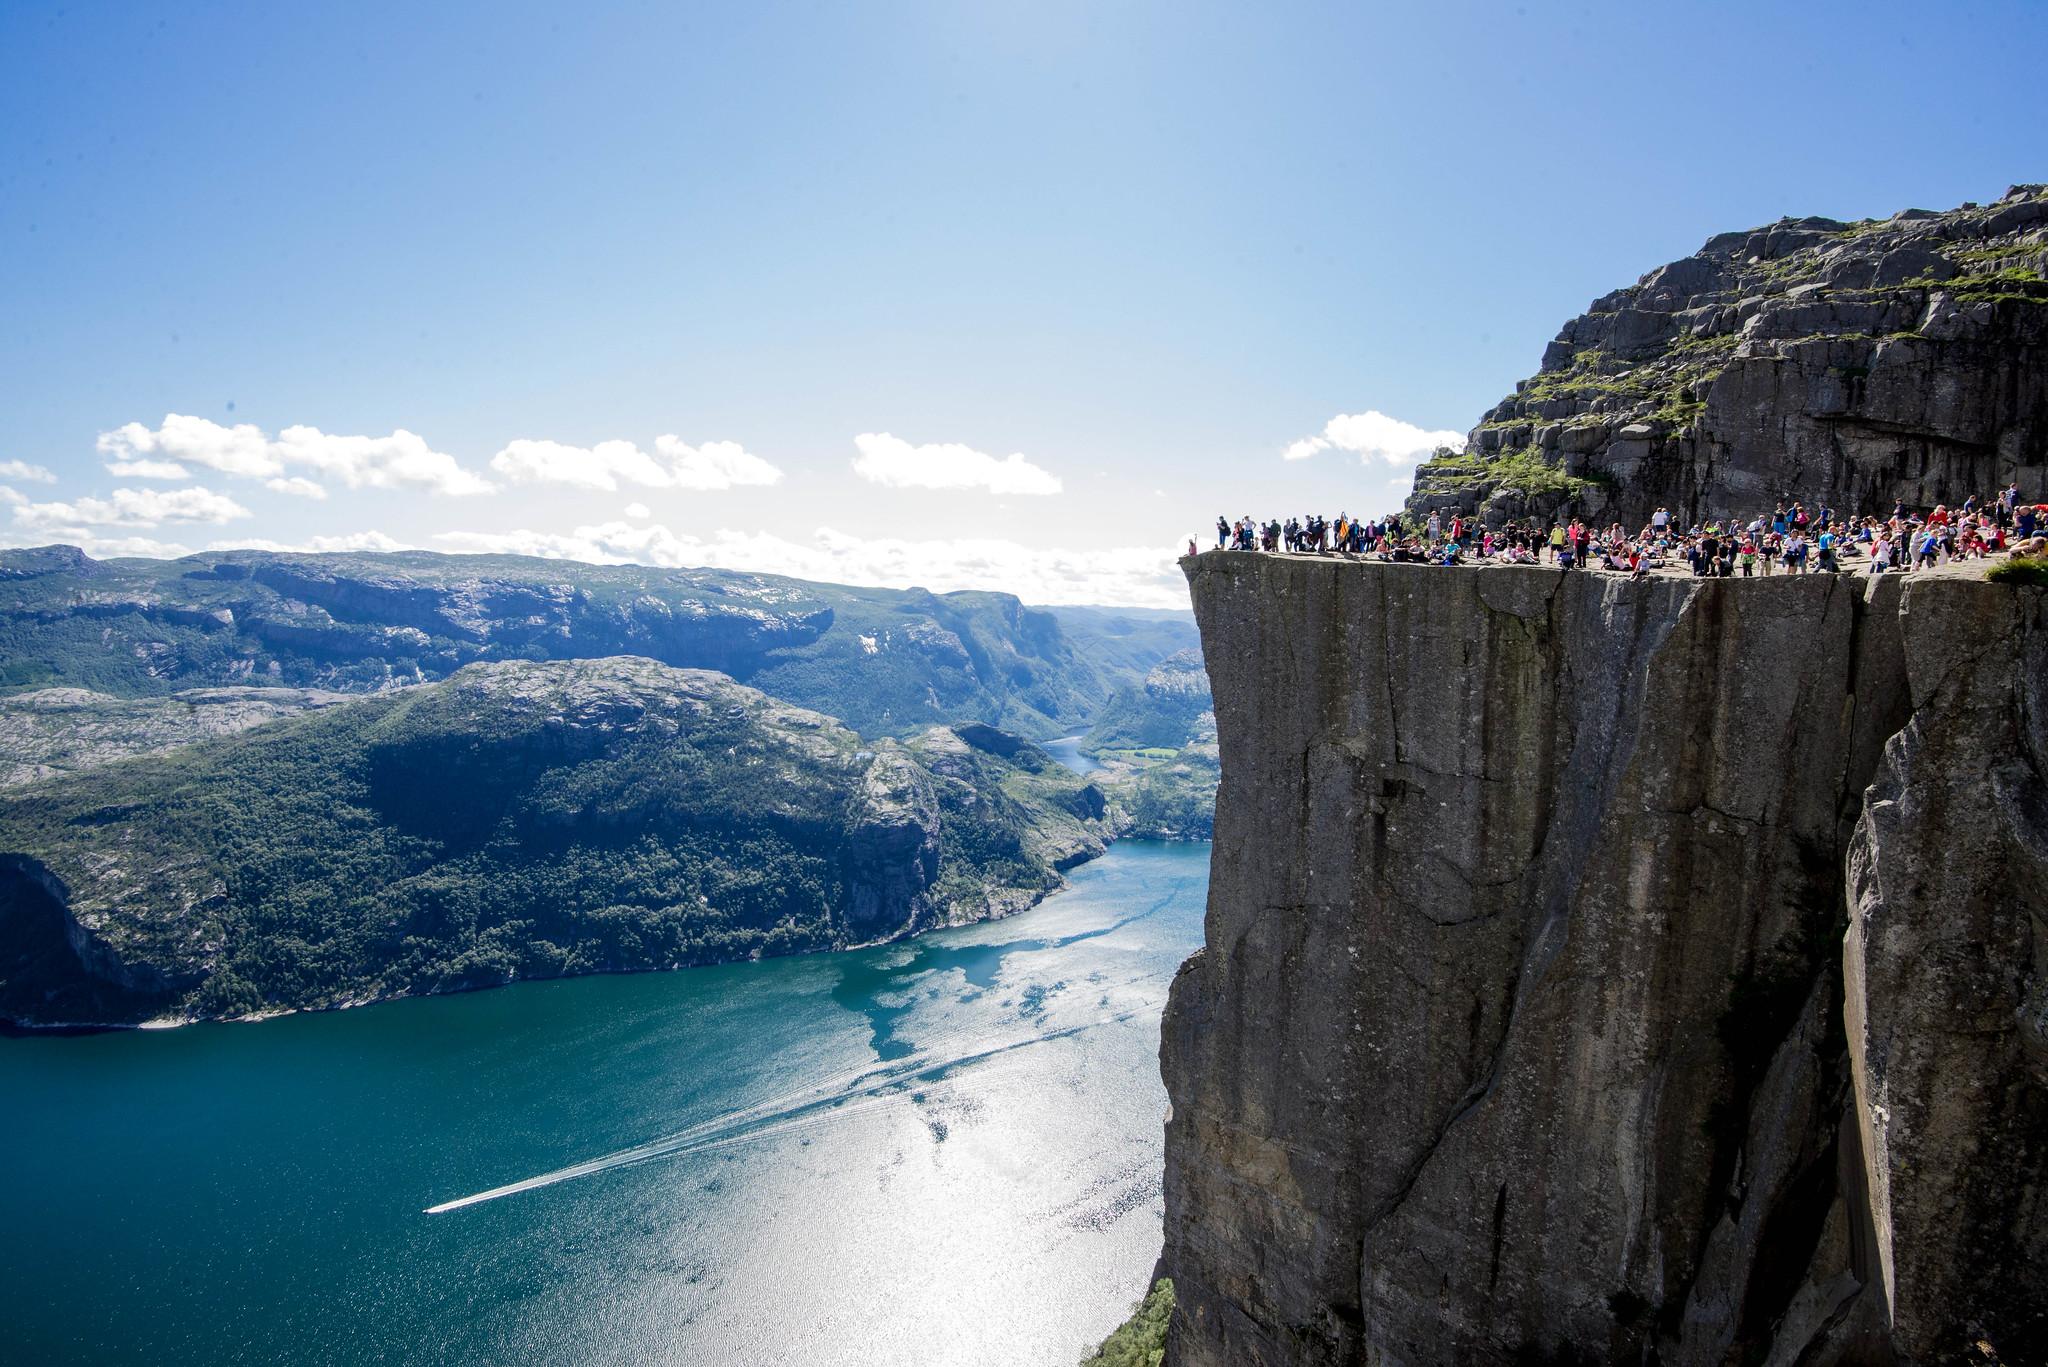 Preikestolen (Pulpit Rock), Norway